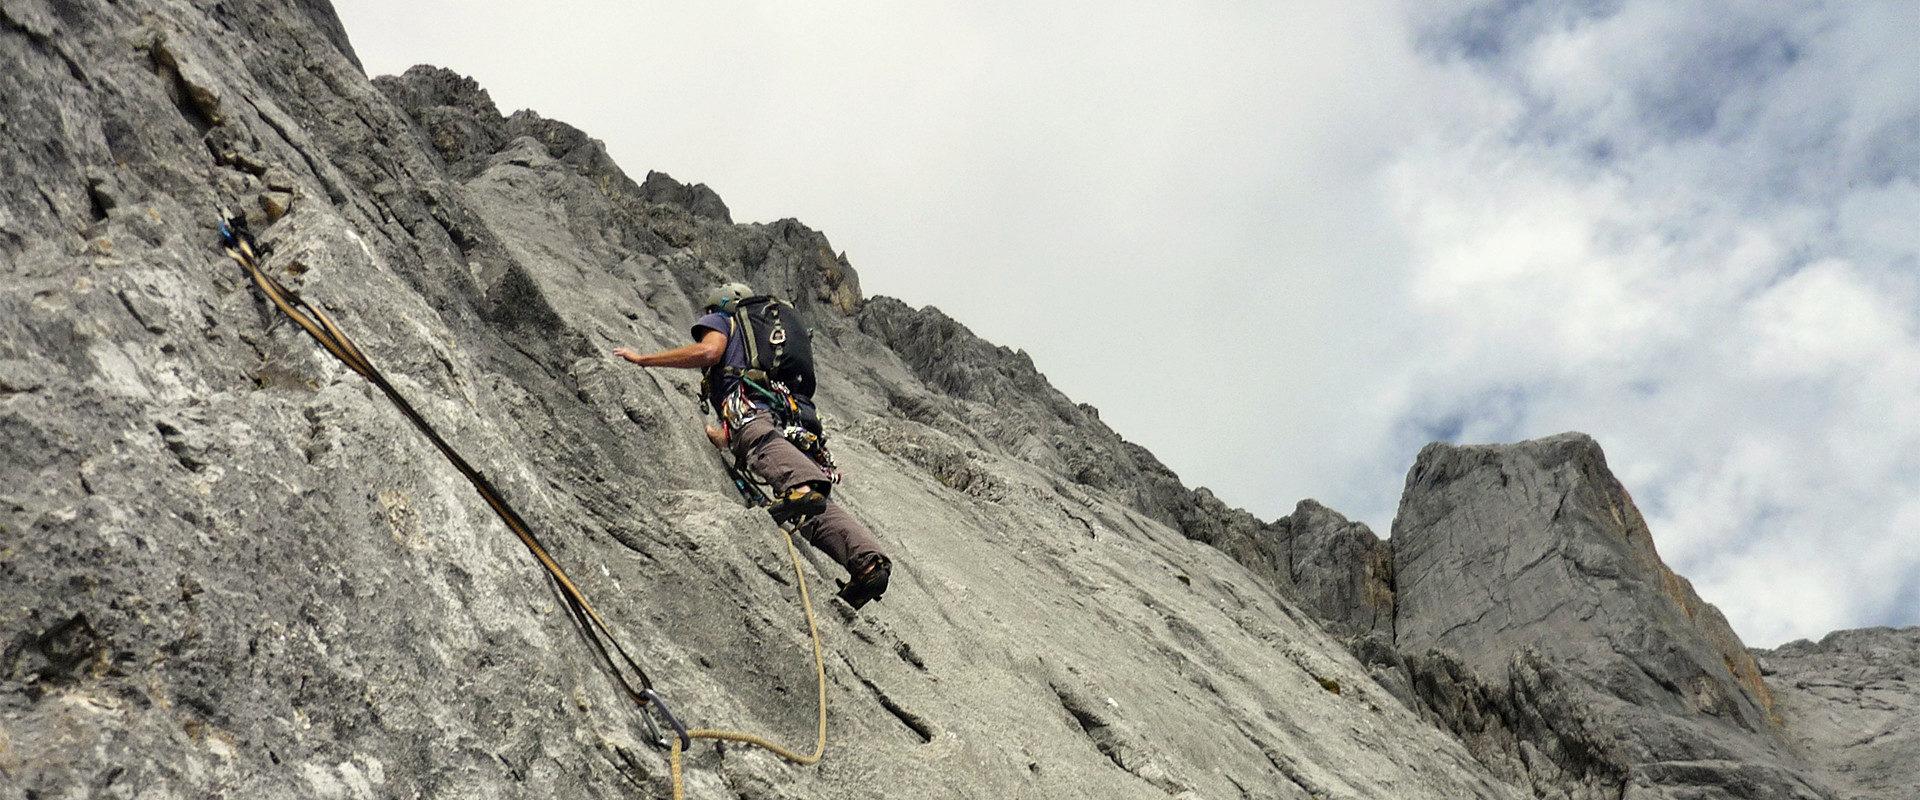 Martin Pühringer klettern eine Alpintour in den Nördlichen Kalkalpen